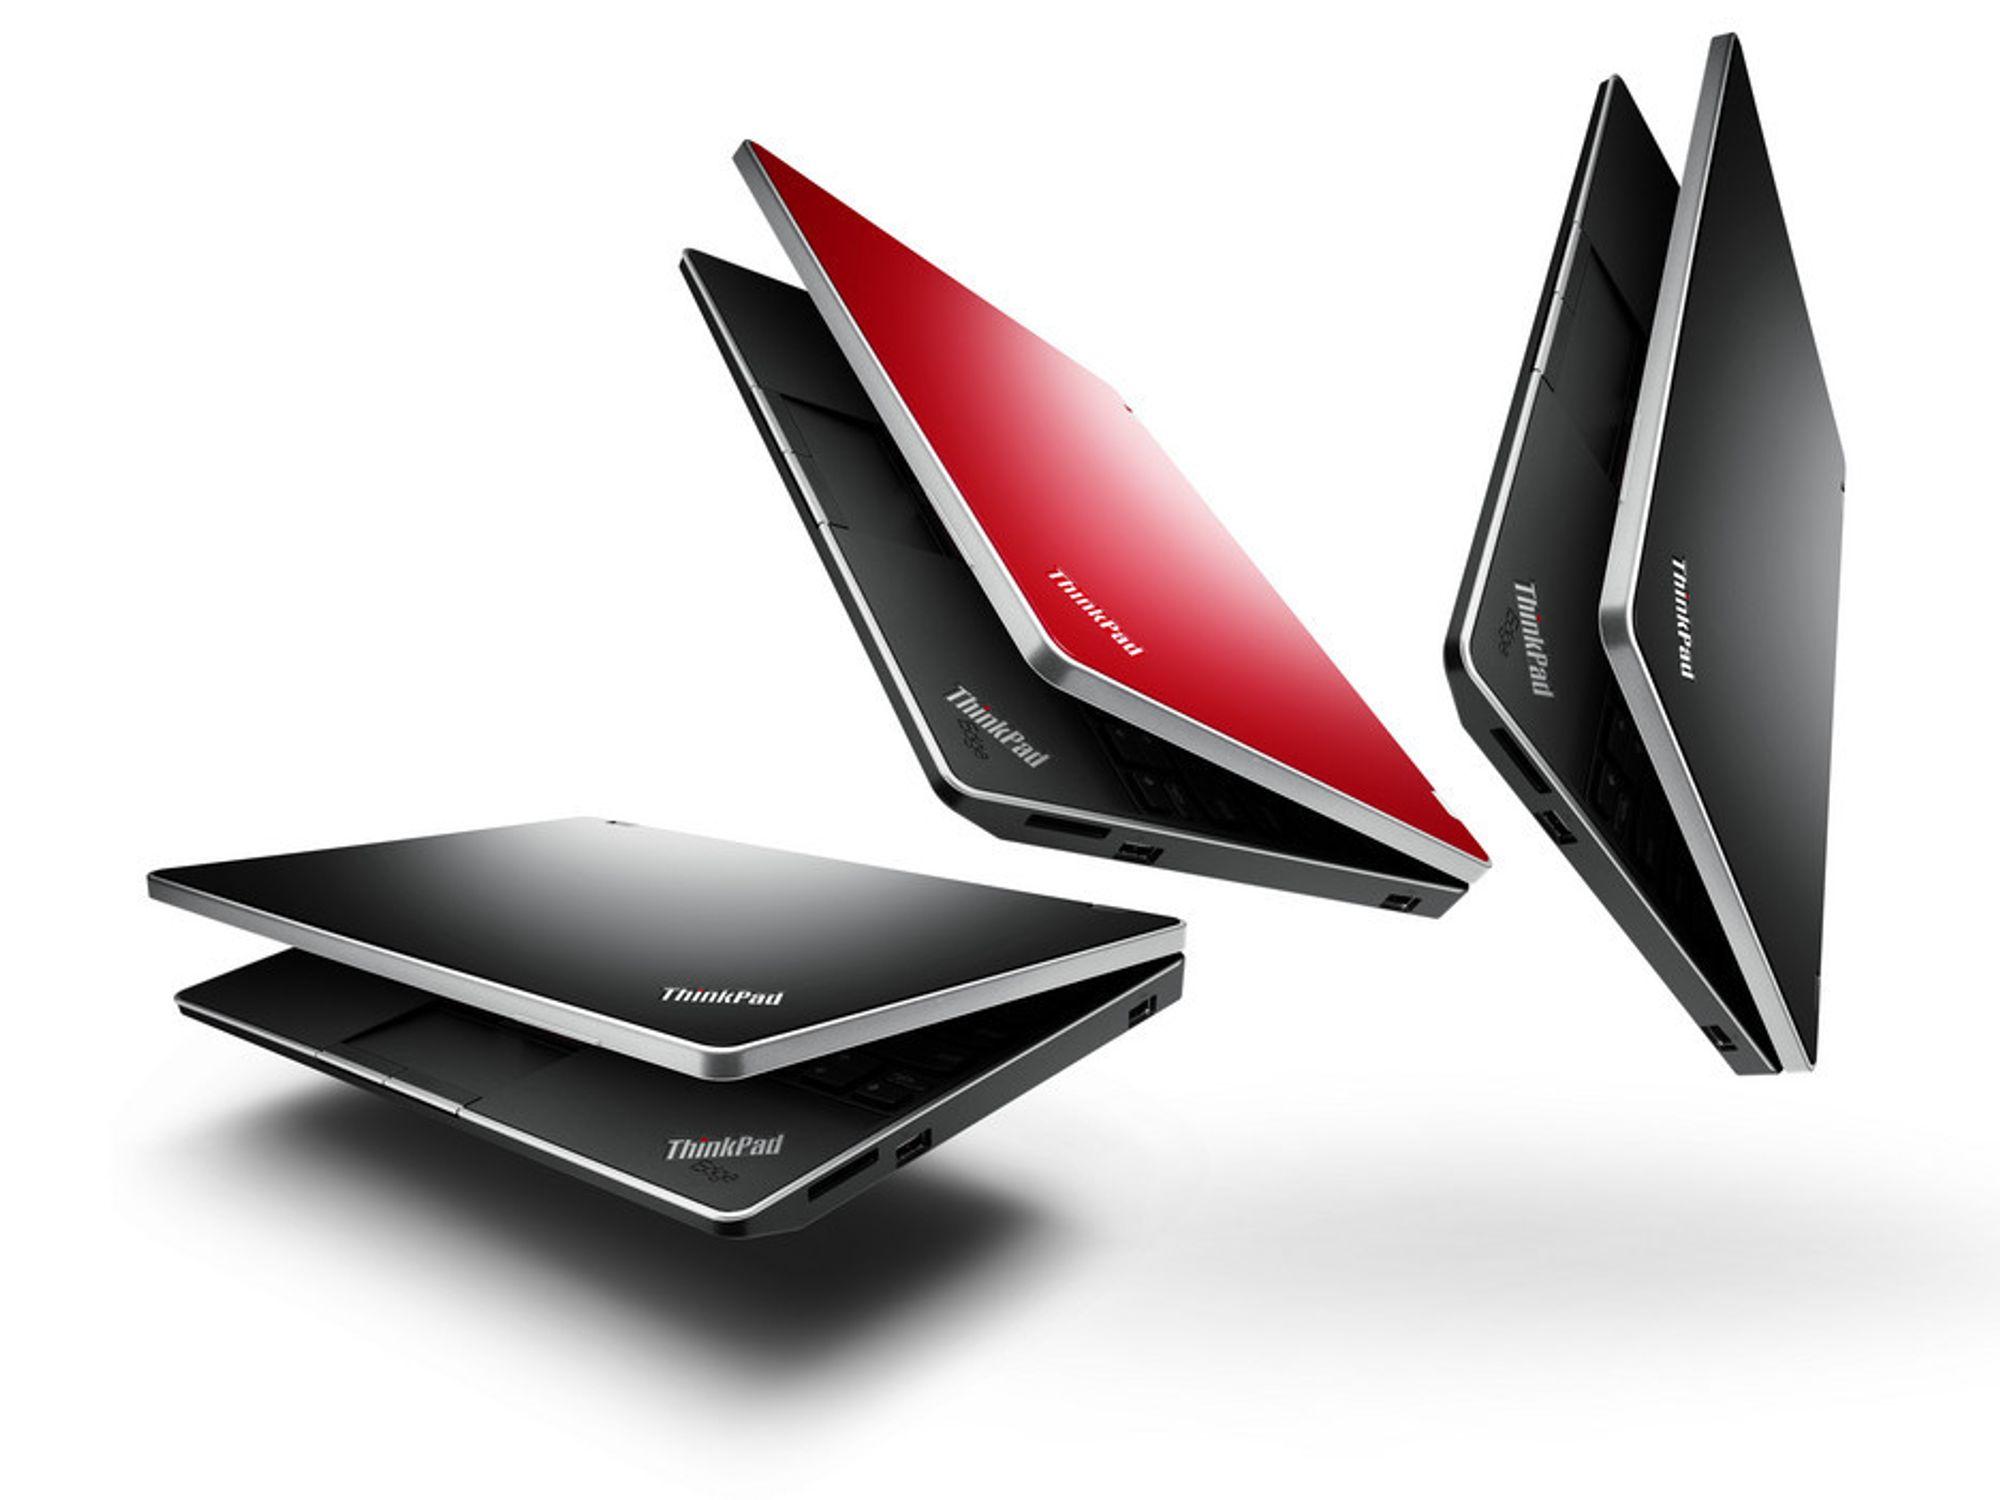 Nye ThinkPad Edge 11 er bare 2,8 centimeter tykk og veier 1,3 kilo...med det minste batteriet, riktignok.